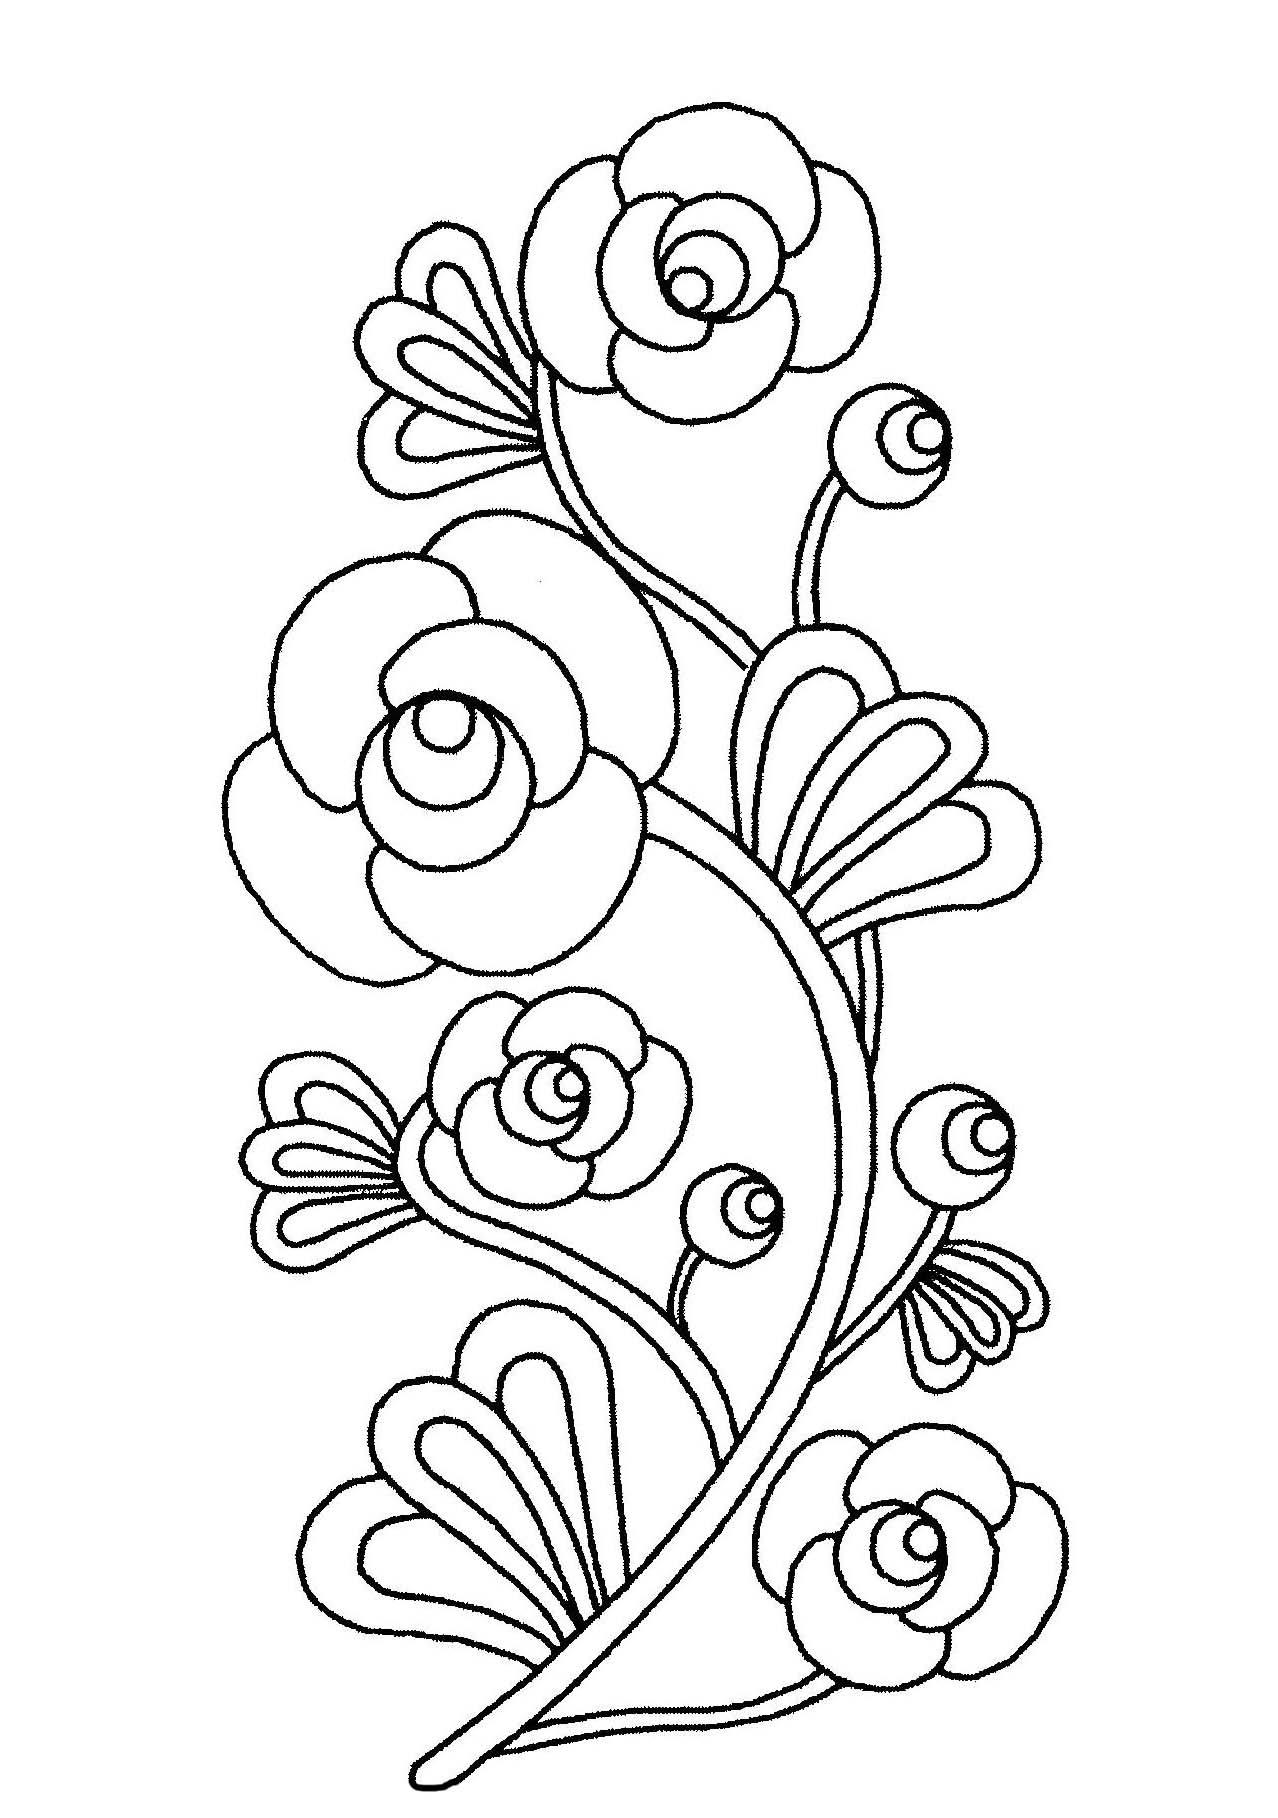 Tranh tô màu khóm hoa đẹp nhất cho bé